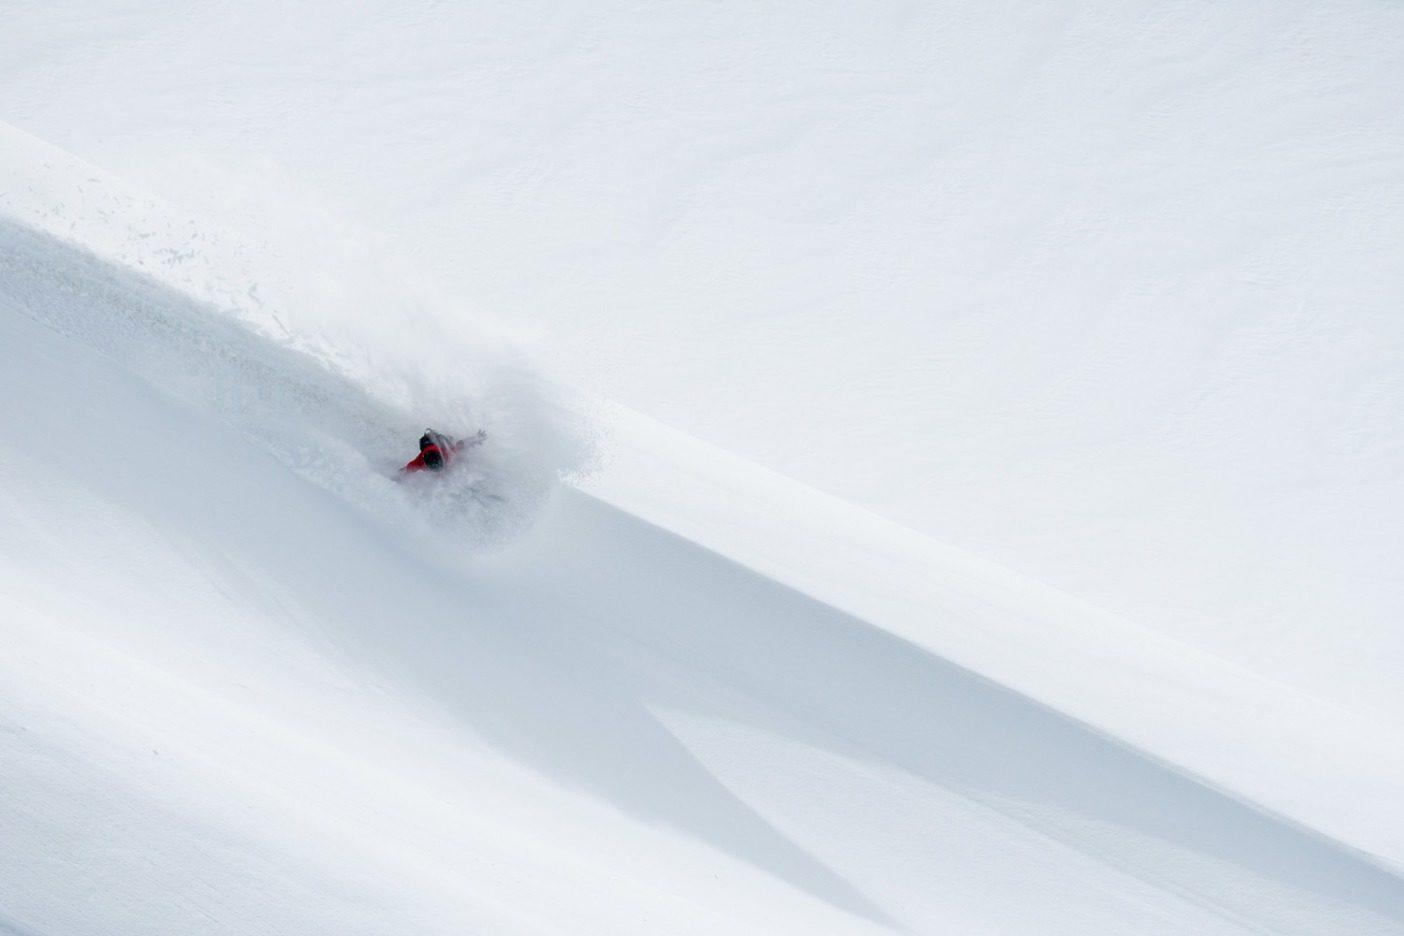 4月上旬、ライランド・ベルは、アラスカ州ヘインズの自宅から遠くないブリティッシュコロンビア北西部で、バックサイドスラッシュでウォーミングアップをする。このように素早く手軽なウインドリップでの滑降は、数か月ぶりの最初の嵐が高山に雪を降らせ始めた時に、雪のコンディションを判断する優れた方法だ。日が経つにつれて、コンディションはどんどん良くなっていった。Photo:Colin Wiseman